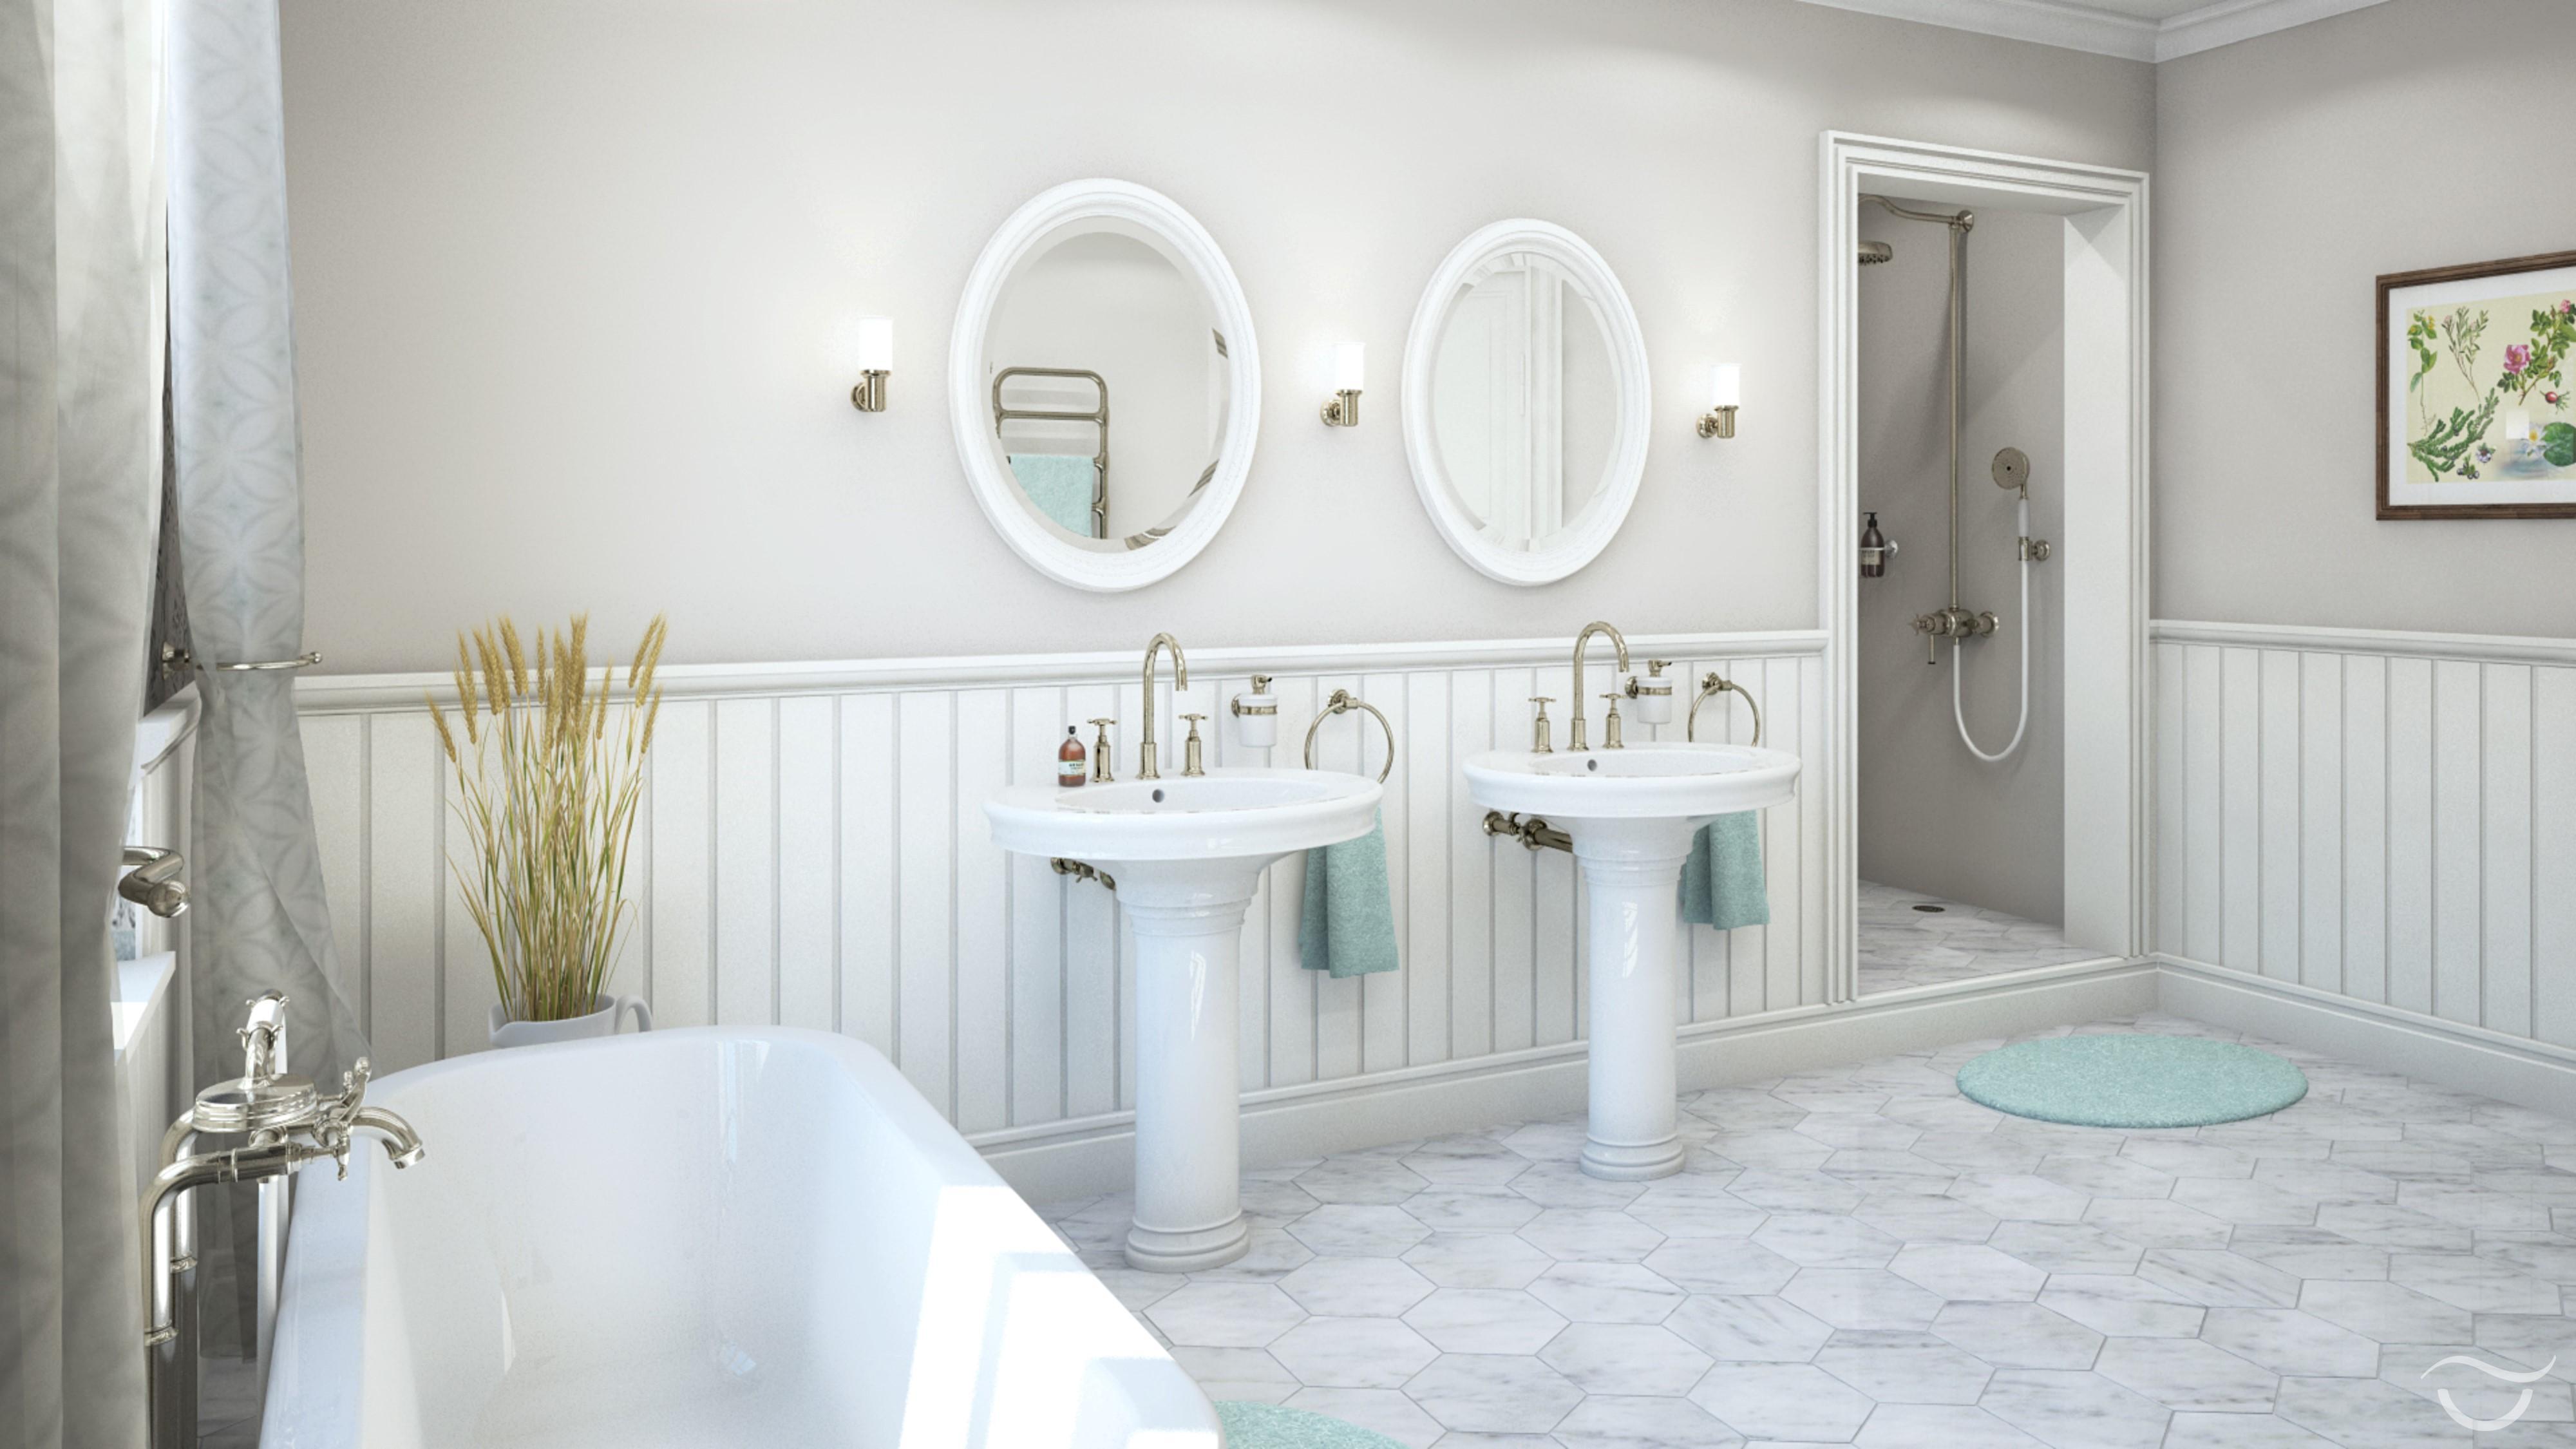 Romantische Waschbecken Beim Cottage Style #retro #freistehendebadewanne  #ferienhaus #retrotapete #englischerstil #